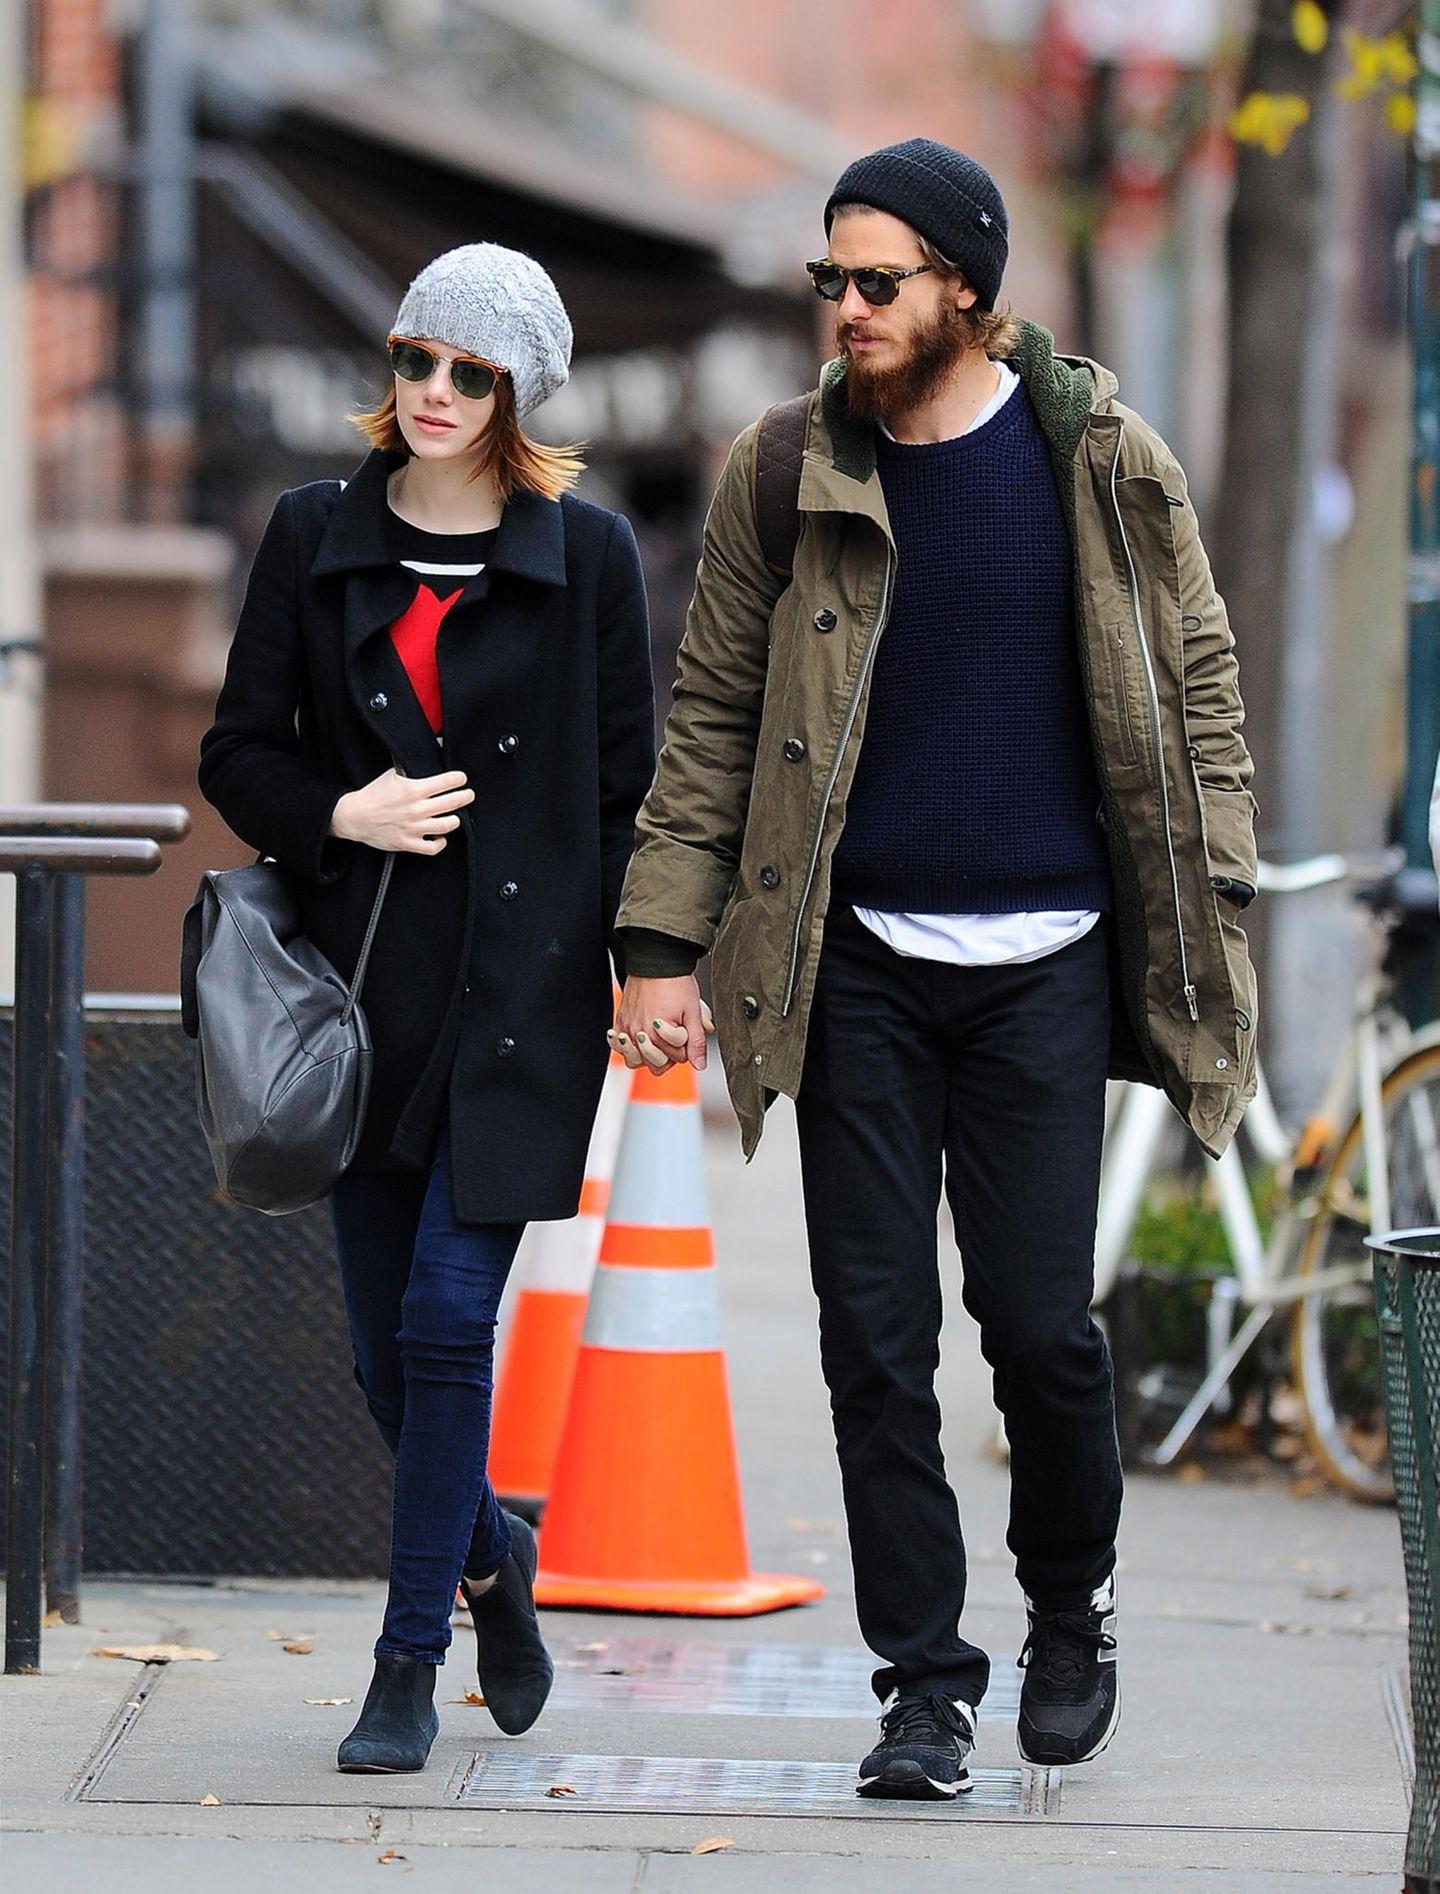 25. November 2014: Emma Stone und Andrew Garfield kommen Hand in Hand von ihrem Mittagsdate in der New Yorker Nachbarschaft zurück.